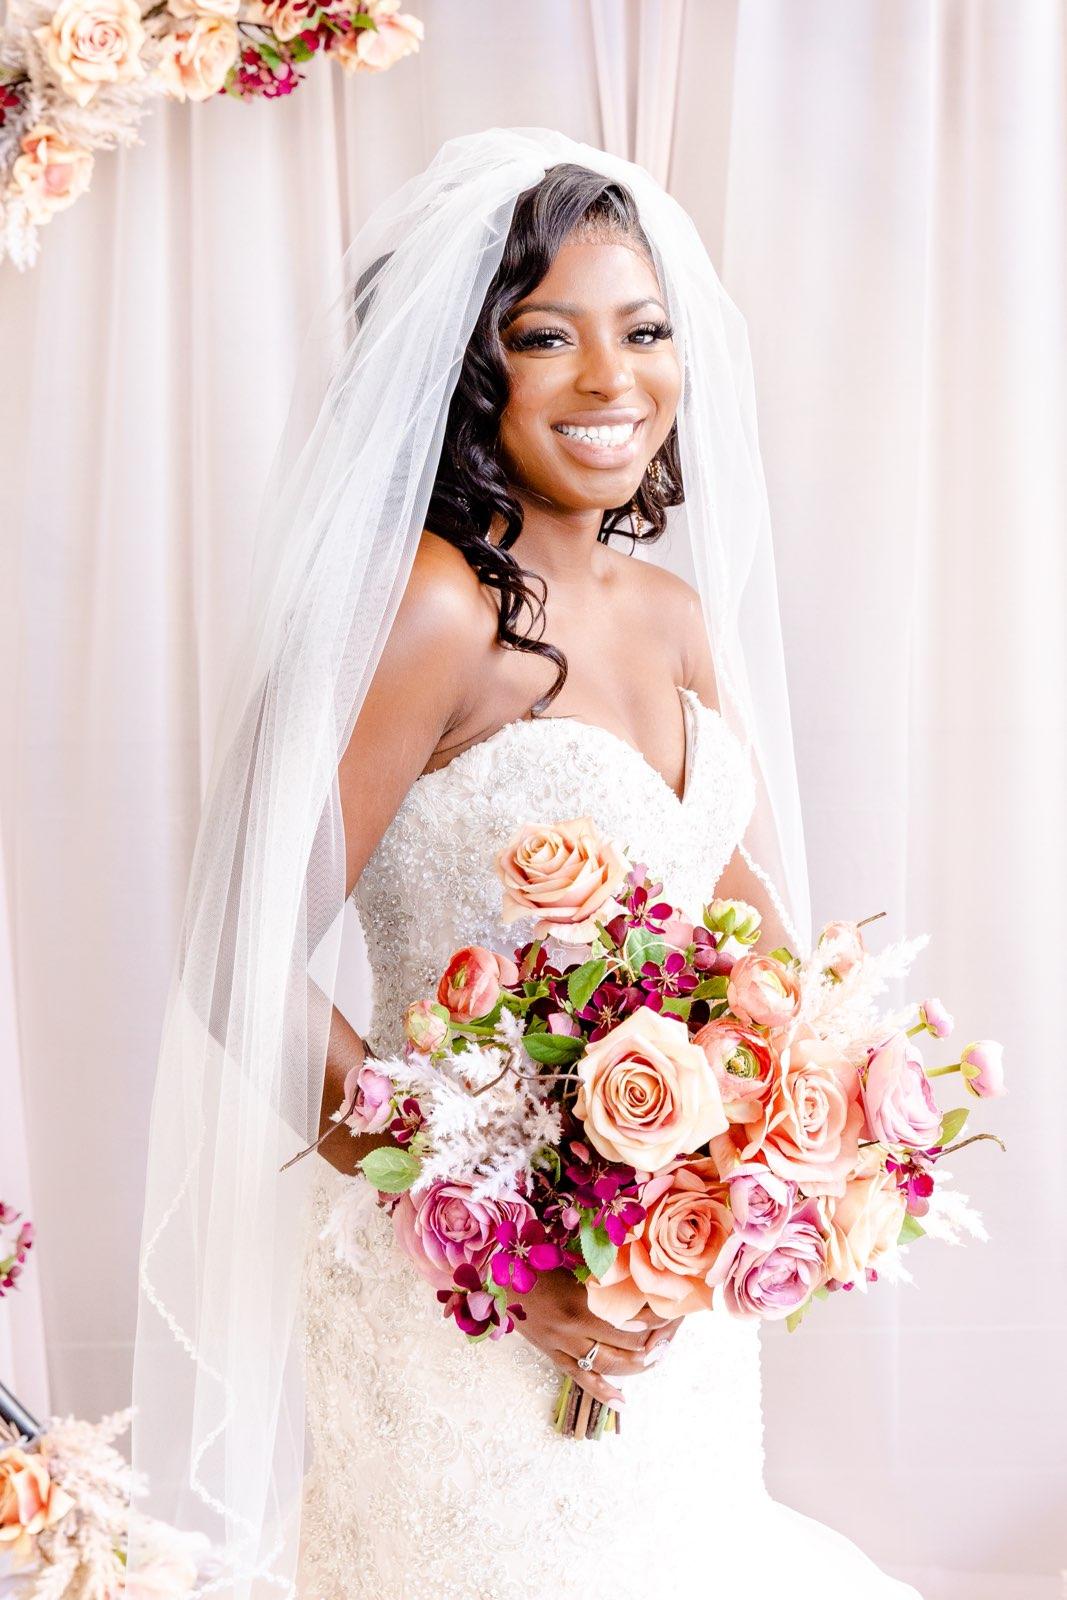 Something Borrowed Blooms wedding flowers